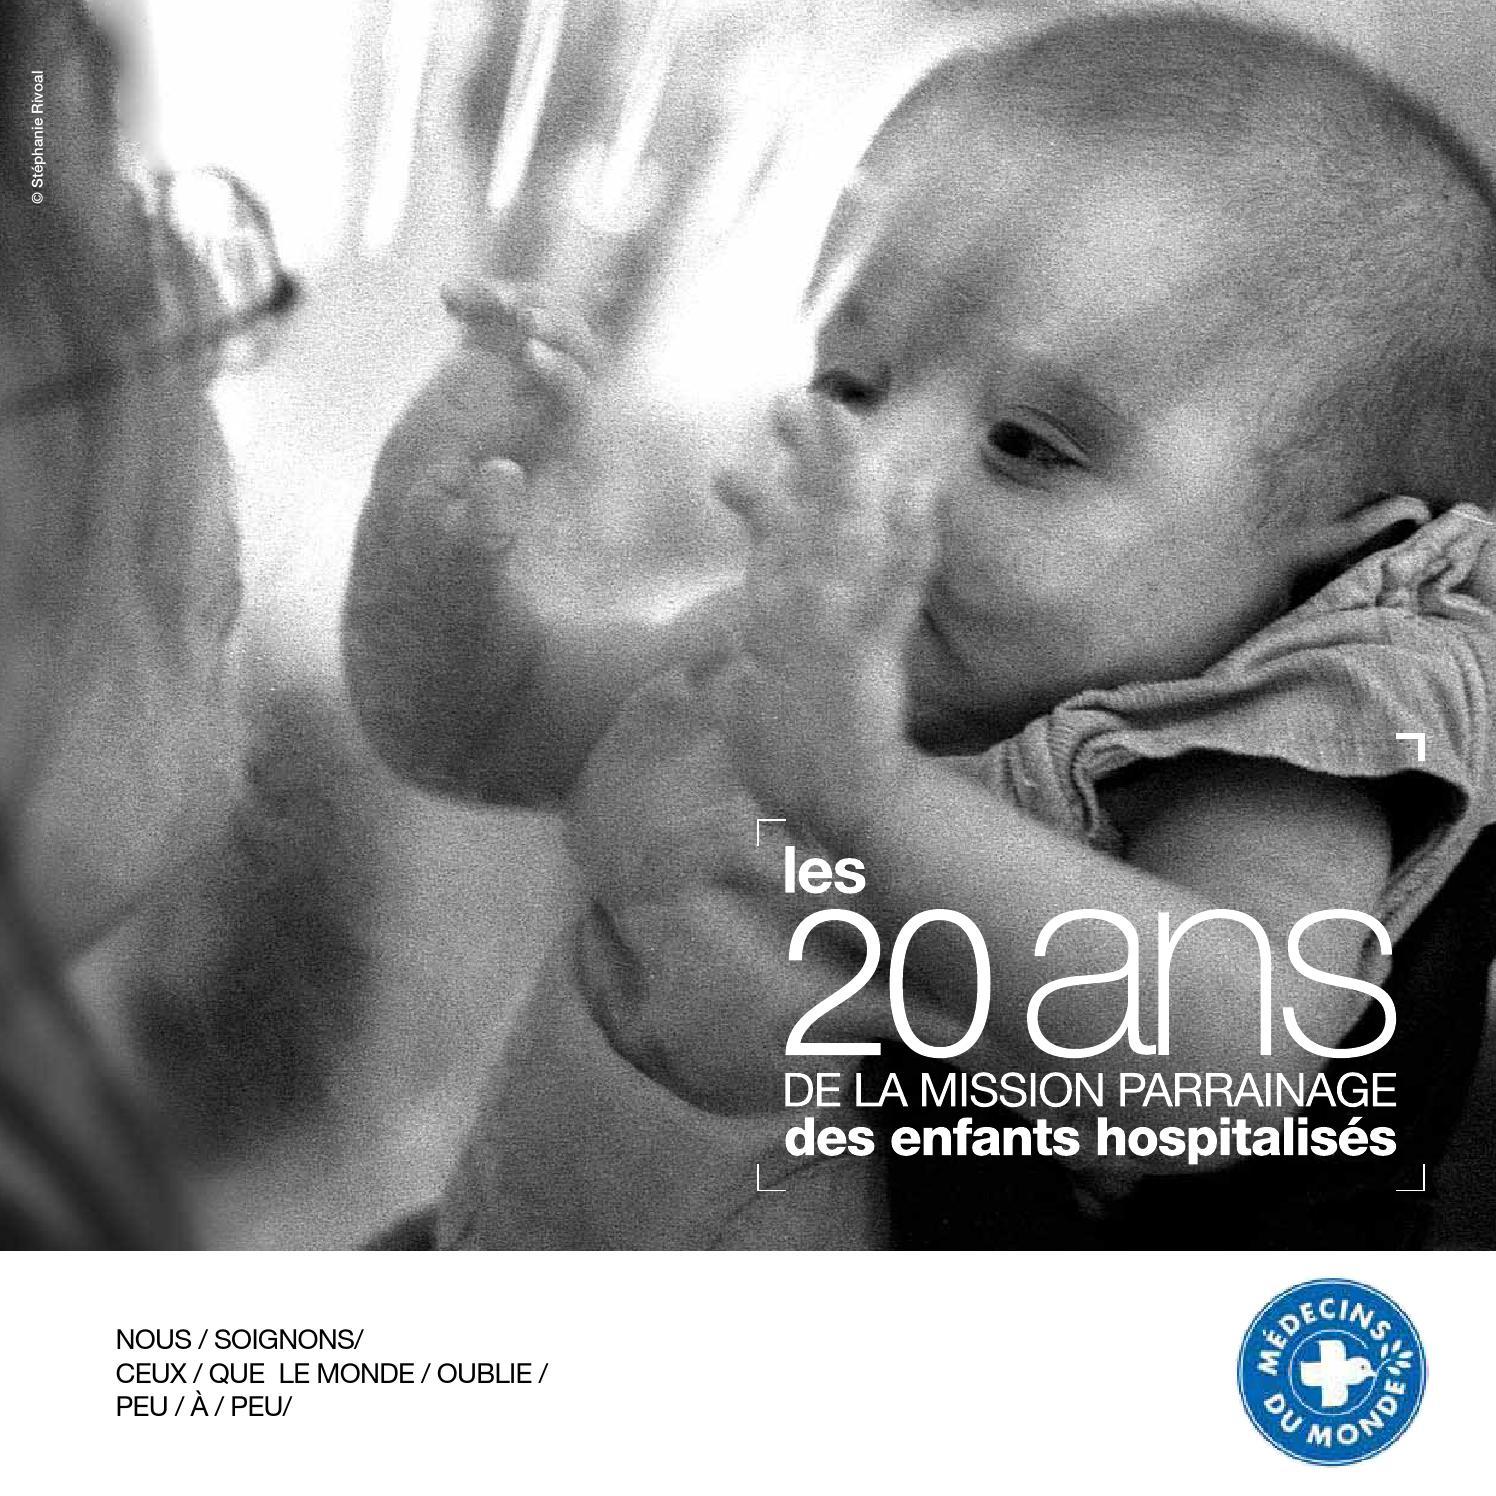 c24ed6eee0e5 20 ans de la Mission Parrainage des enfants hospitalisés by Médecins du  Monde - issuu